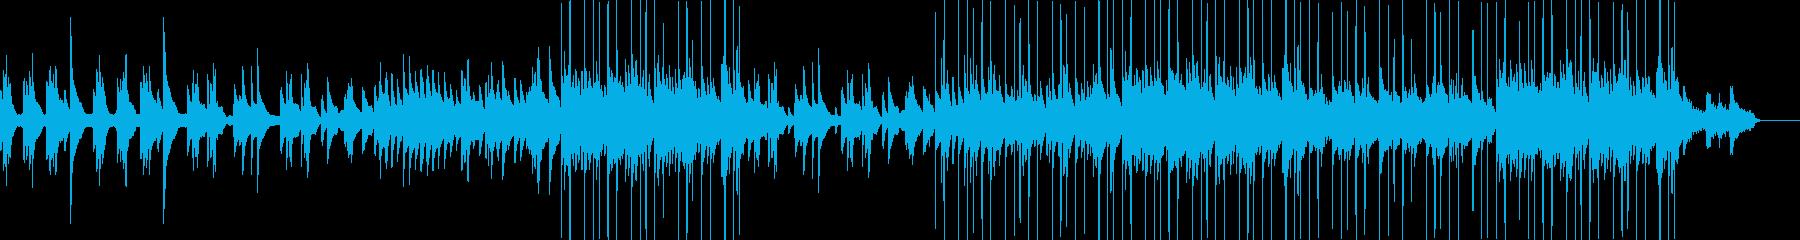 ハープの音色が美しいゆったり落ち着いた曲の再生済みの波形